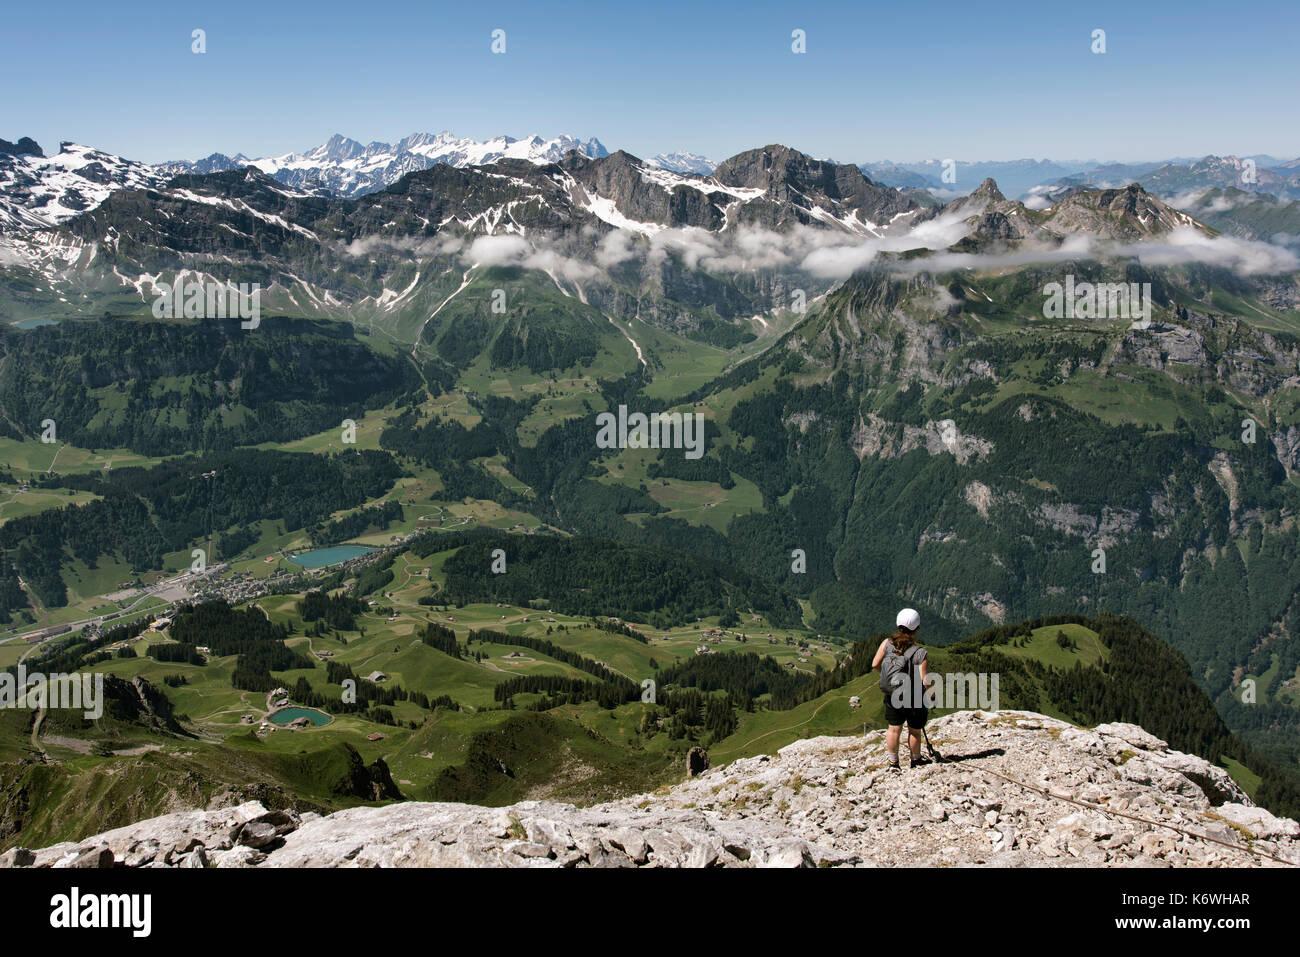 Klettersteig Rigidalstock : Kletterer auf der via ferrata rigidalstockwand unterhalb des